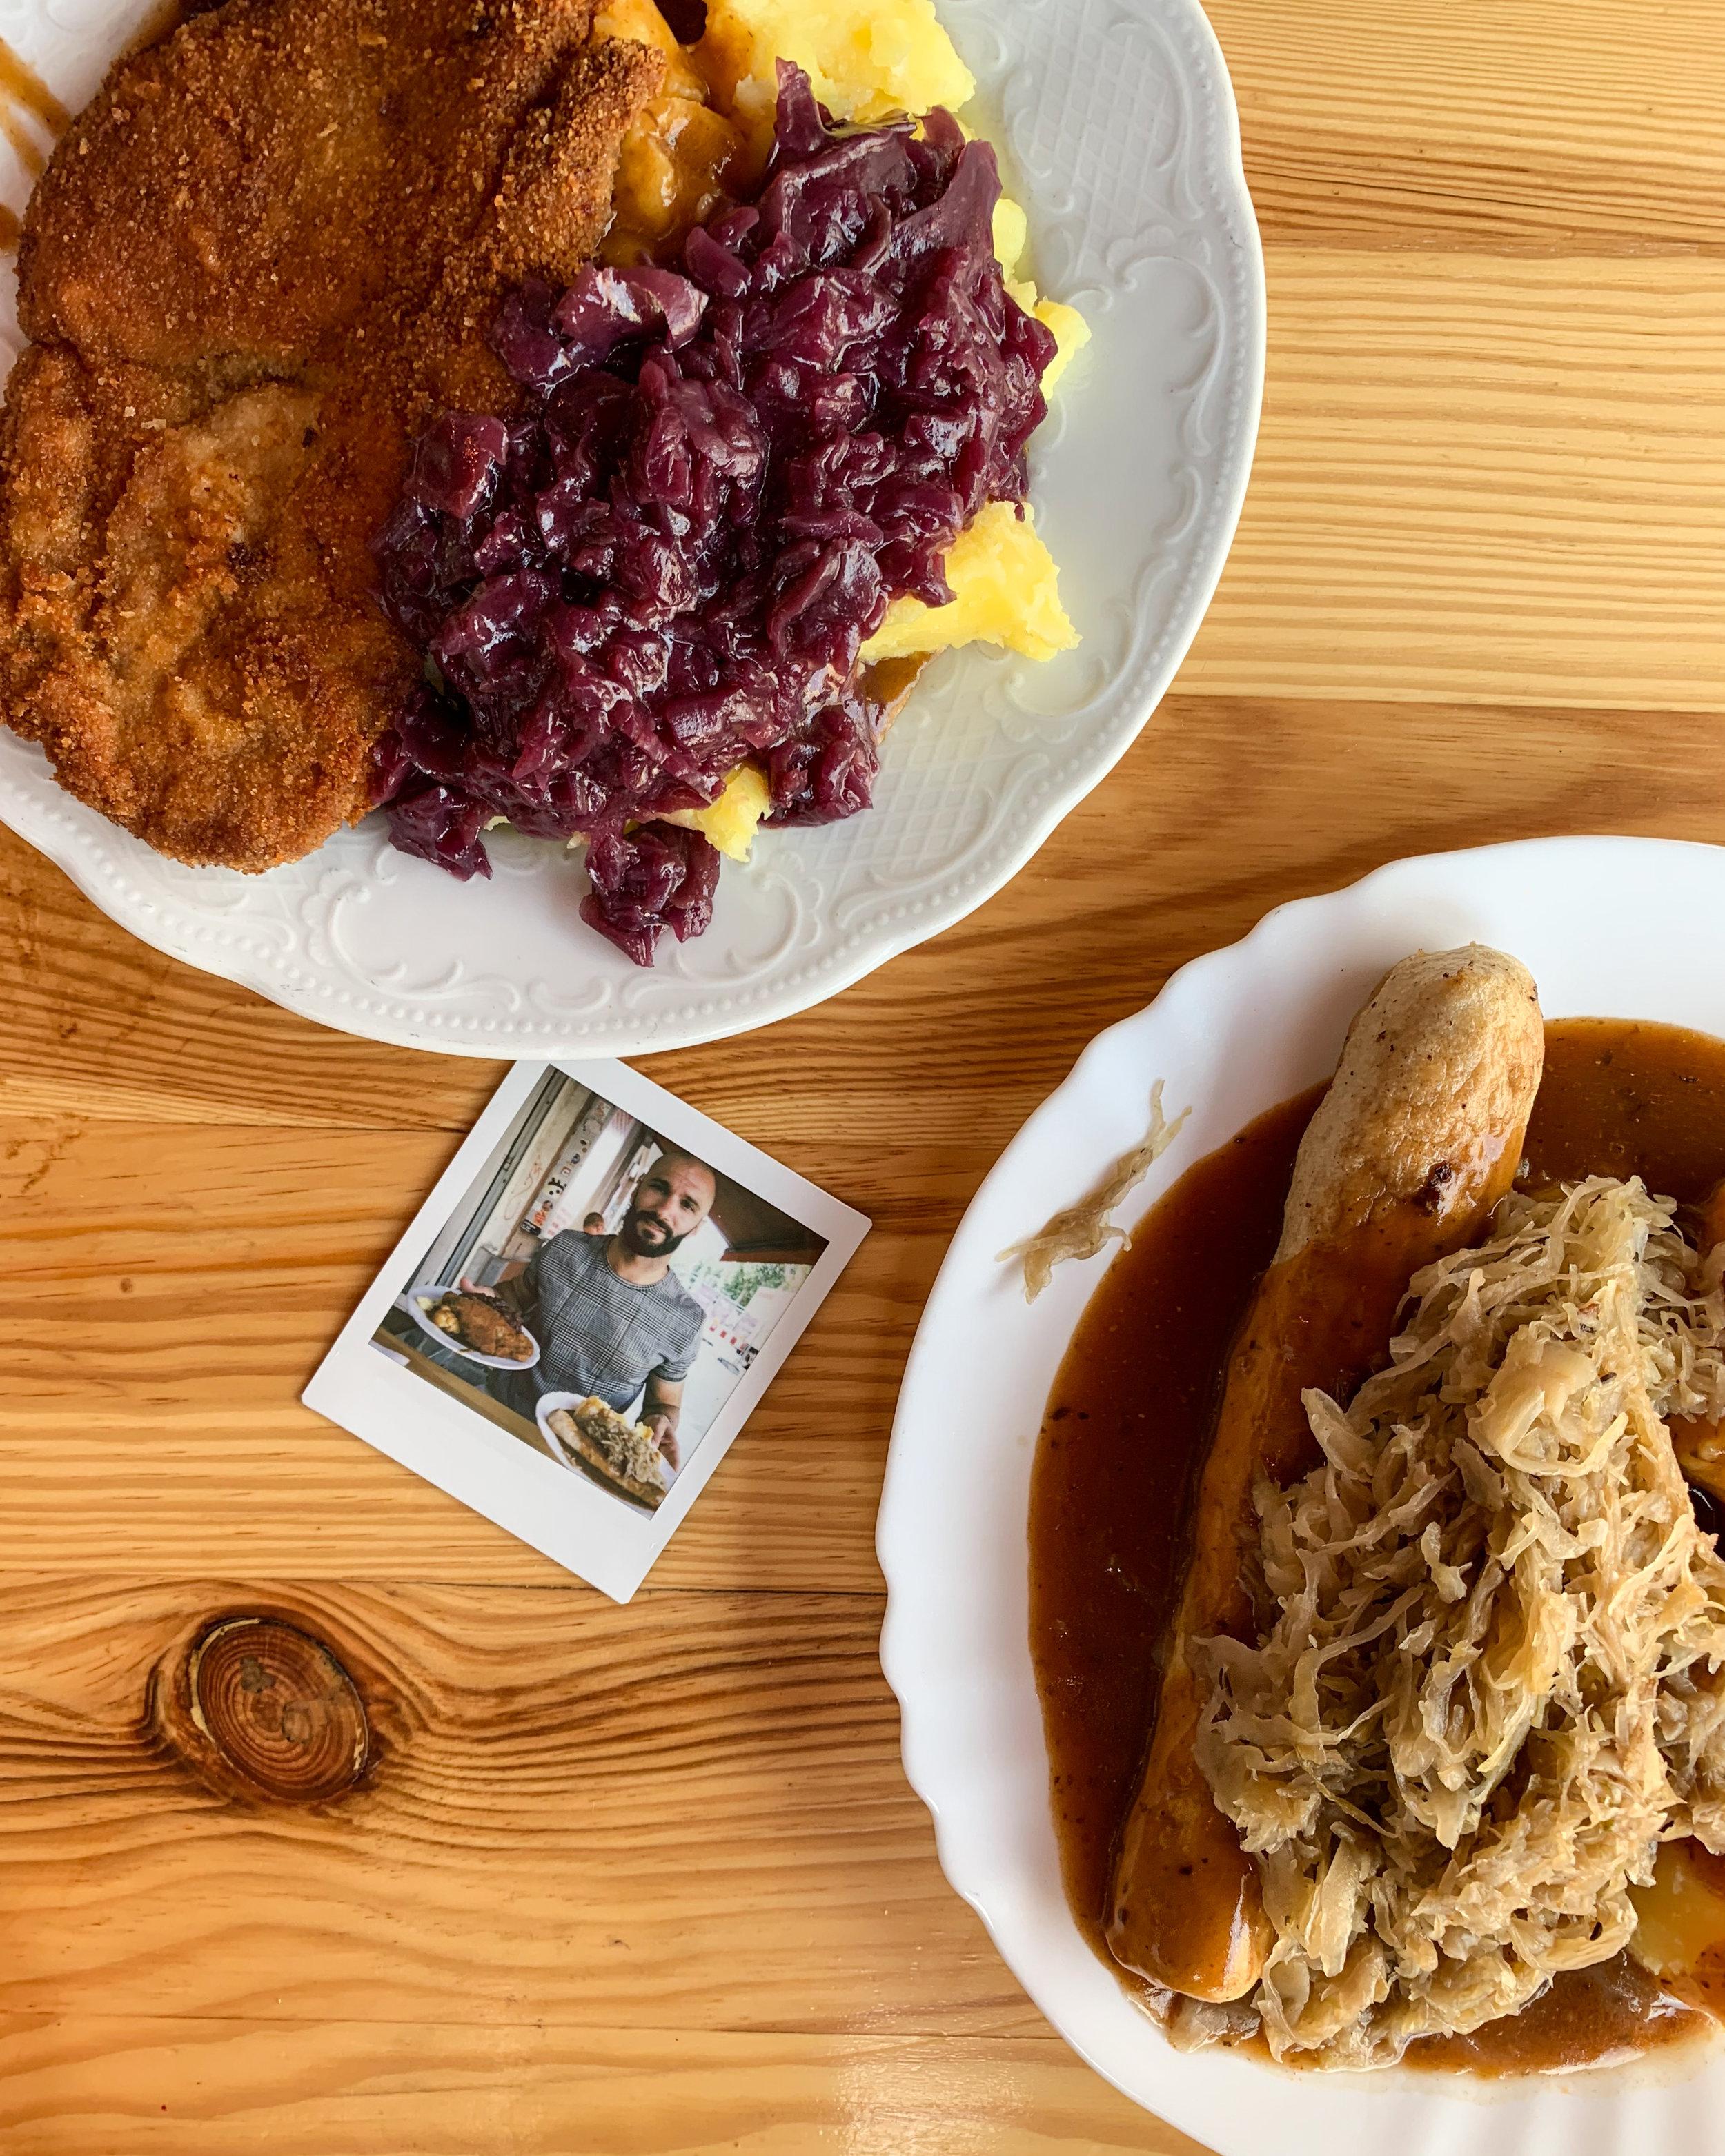 Schnitzel & Bratwurst